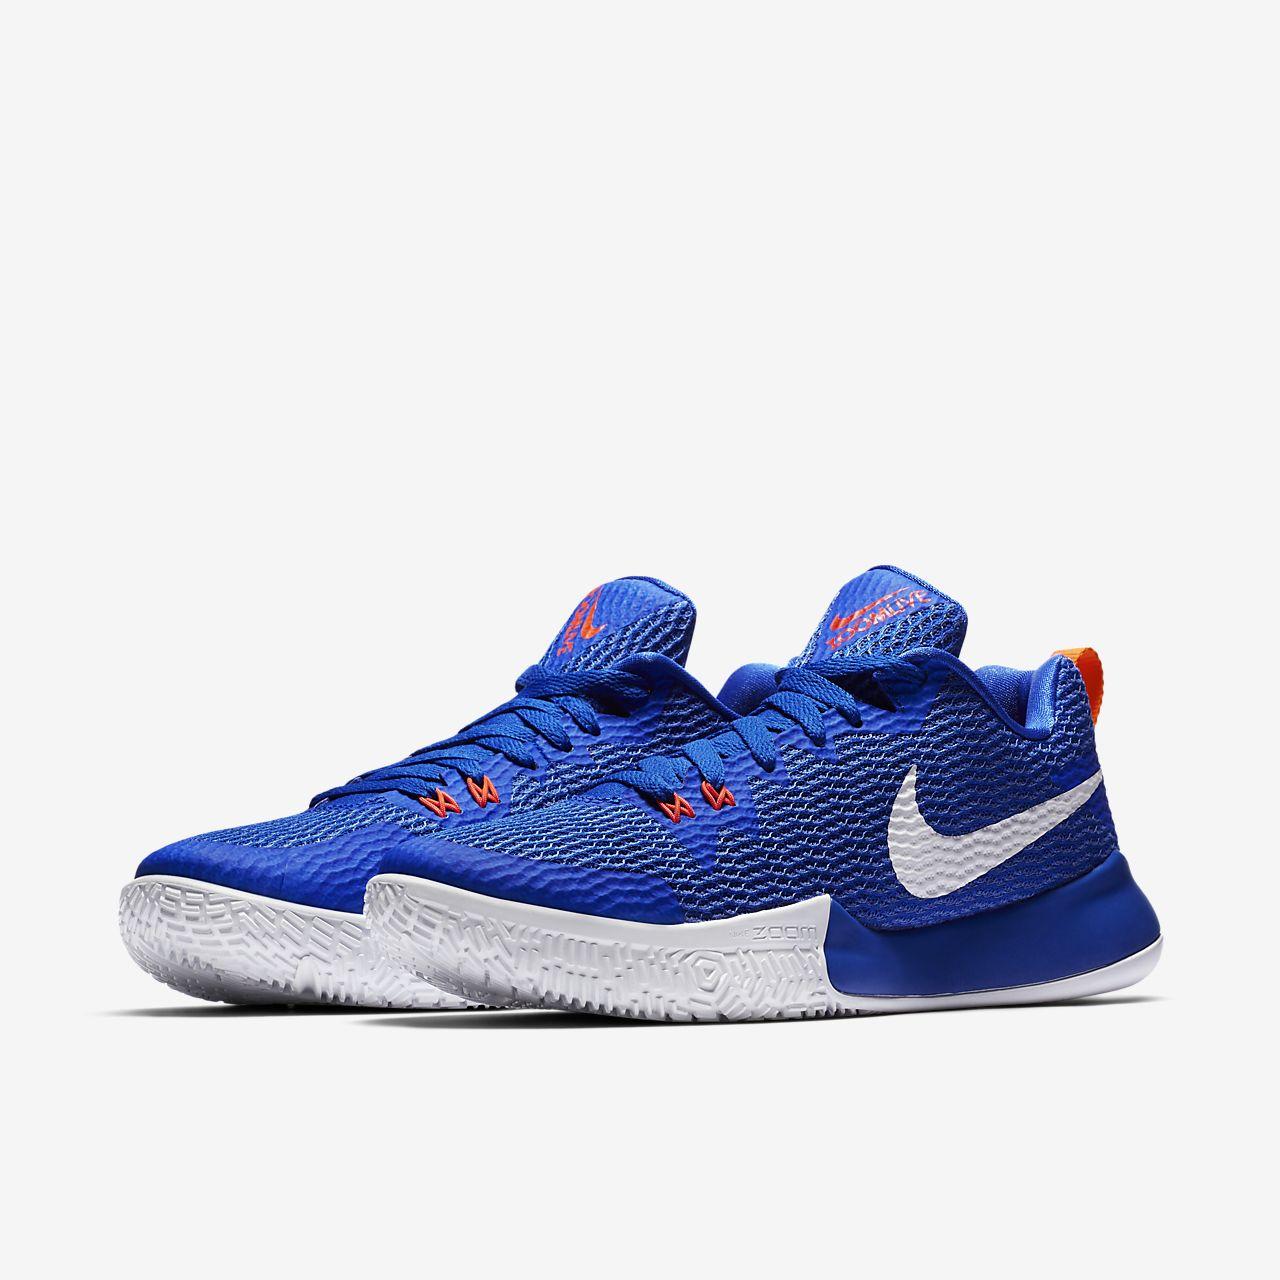 Chaussures De Sport Bas Coureur 2 Bleu / Blanc Nike d4HDIibgb